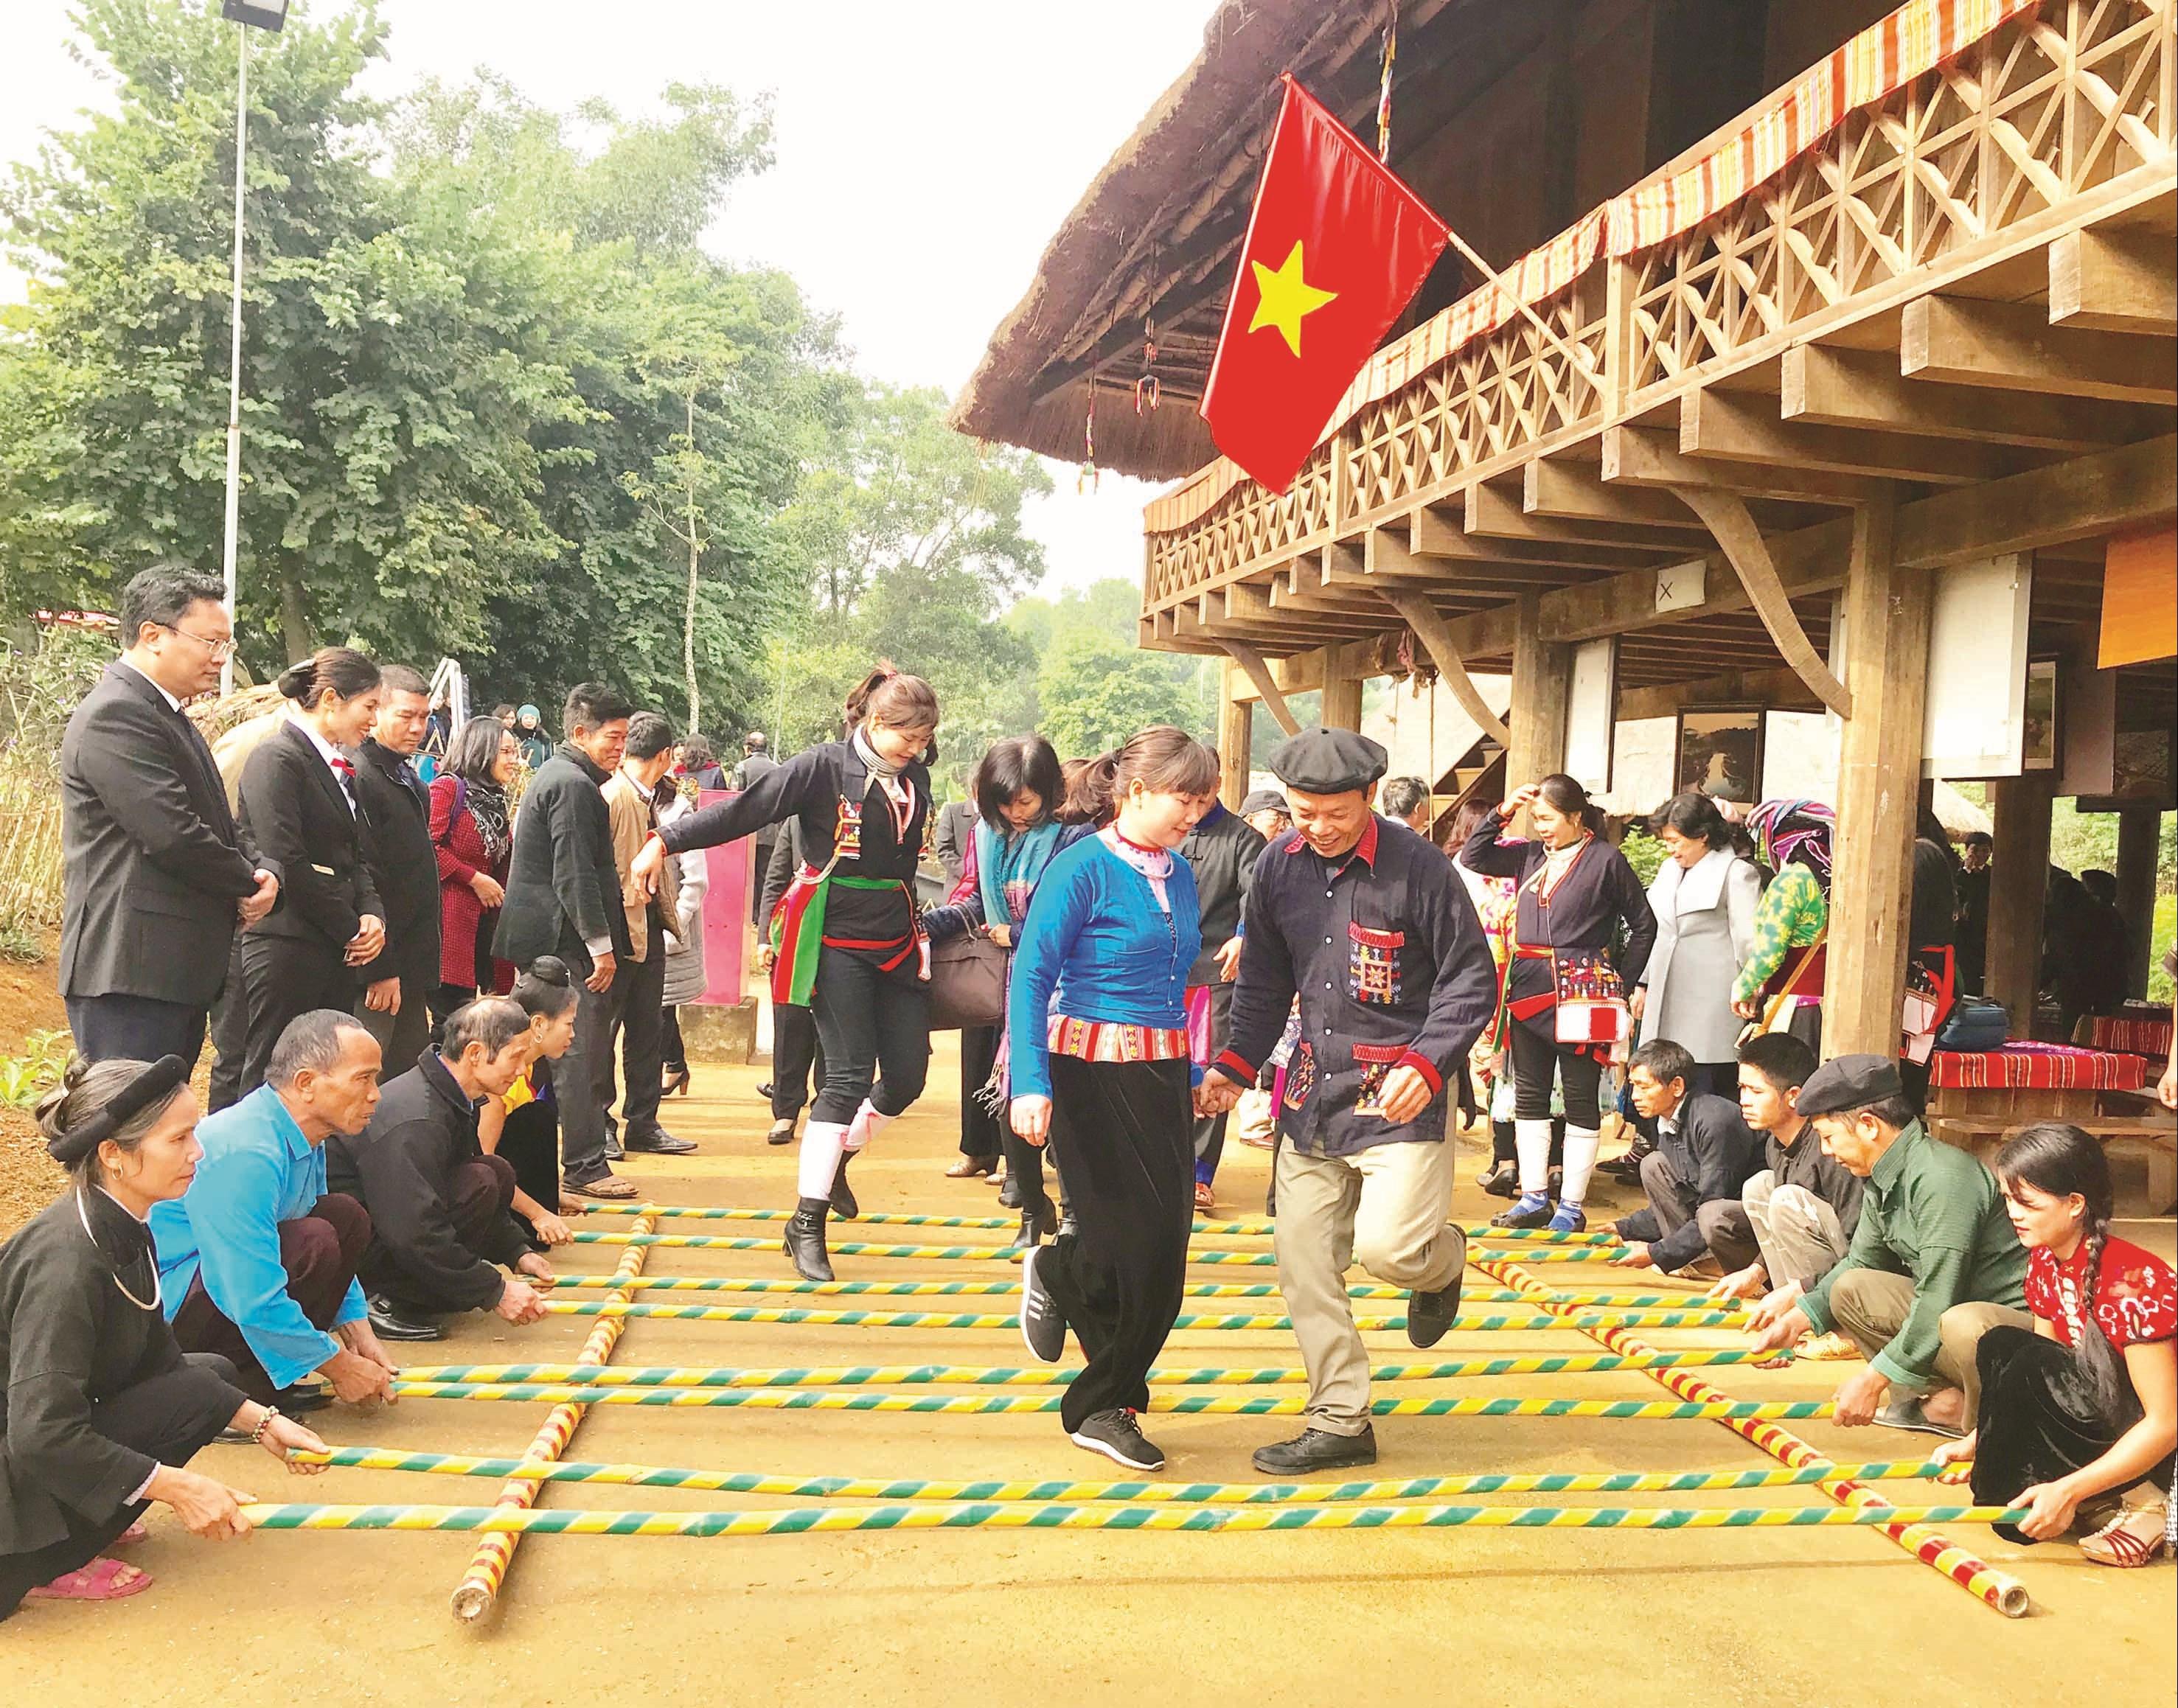 Niềm vui ngày hội của đồng bào DTTS. Ảnh chụp tại Làng Văn hóa Du lịch các Dân tộc Việt Nam (Hà Nội).